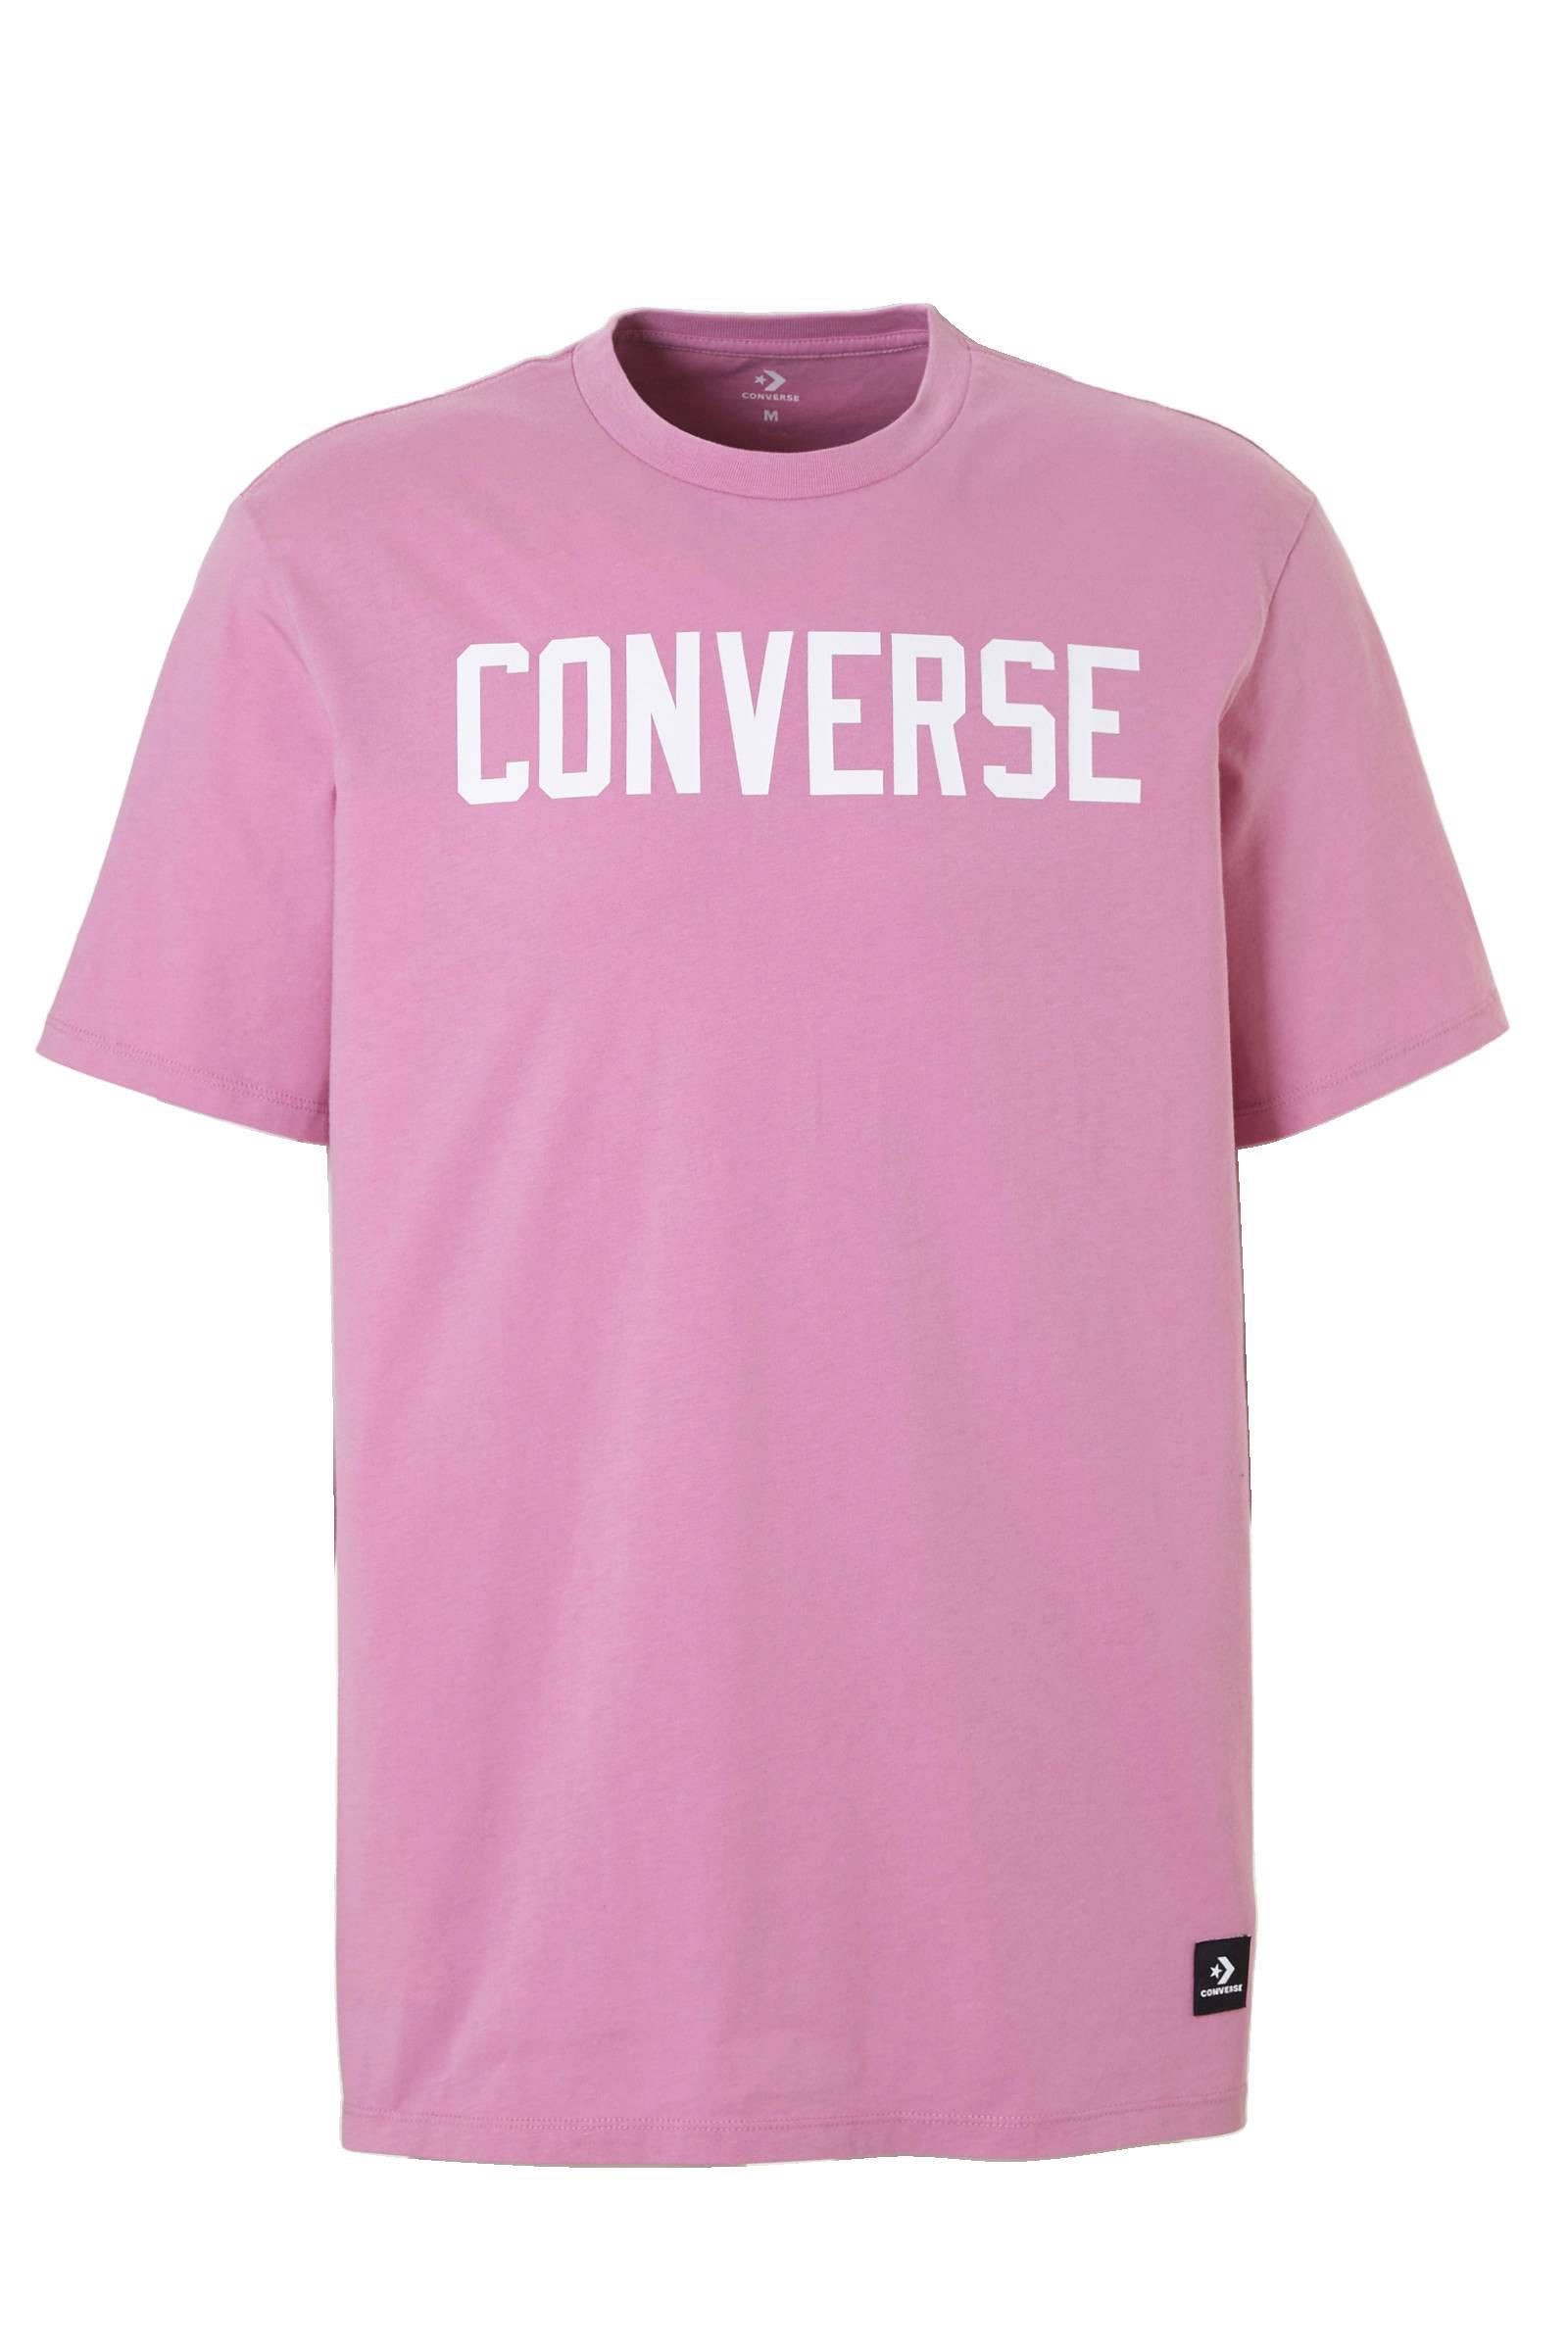 converse blouse heren